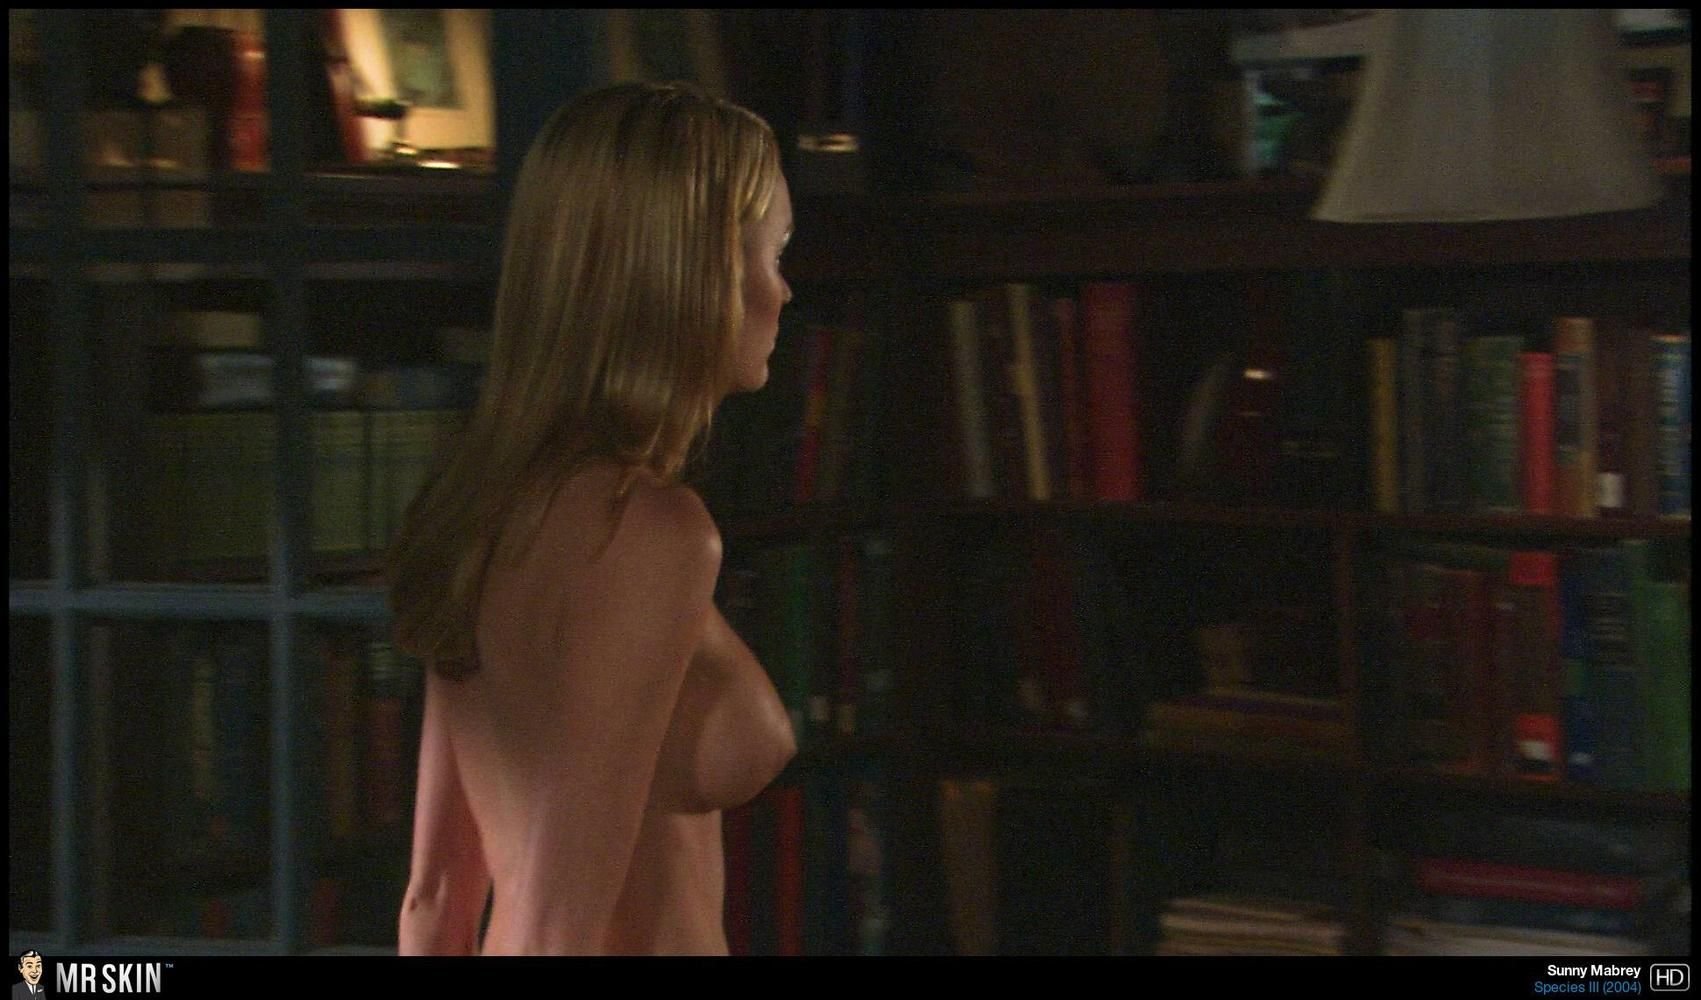 Bikini Reese Witherspoon Nude Twilight Png